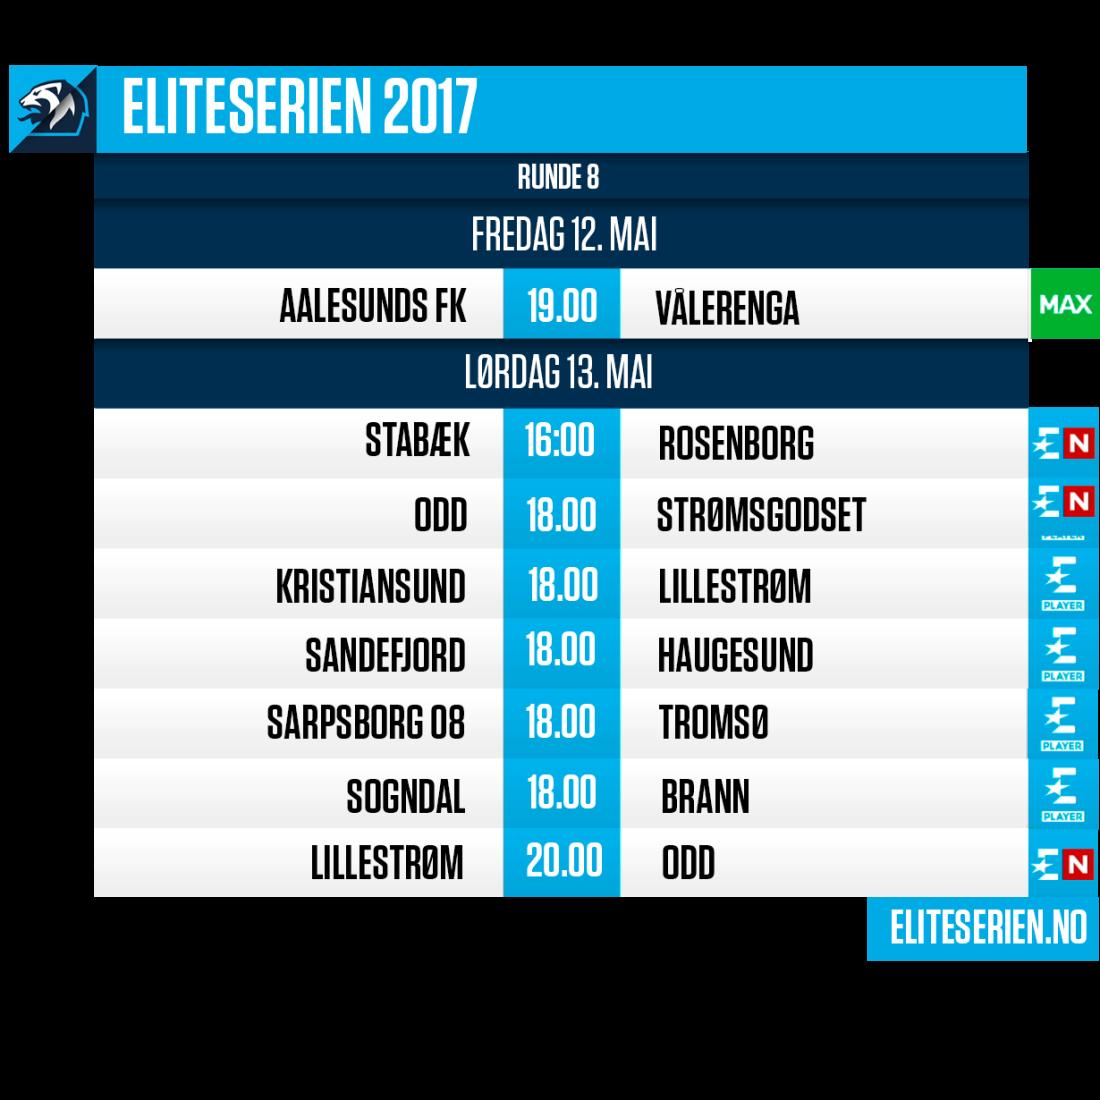 Eliteserien_runde_8.png